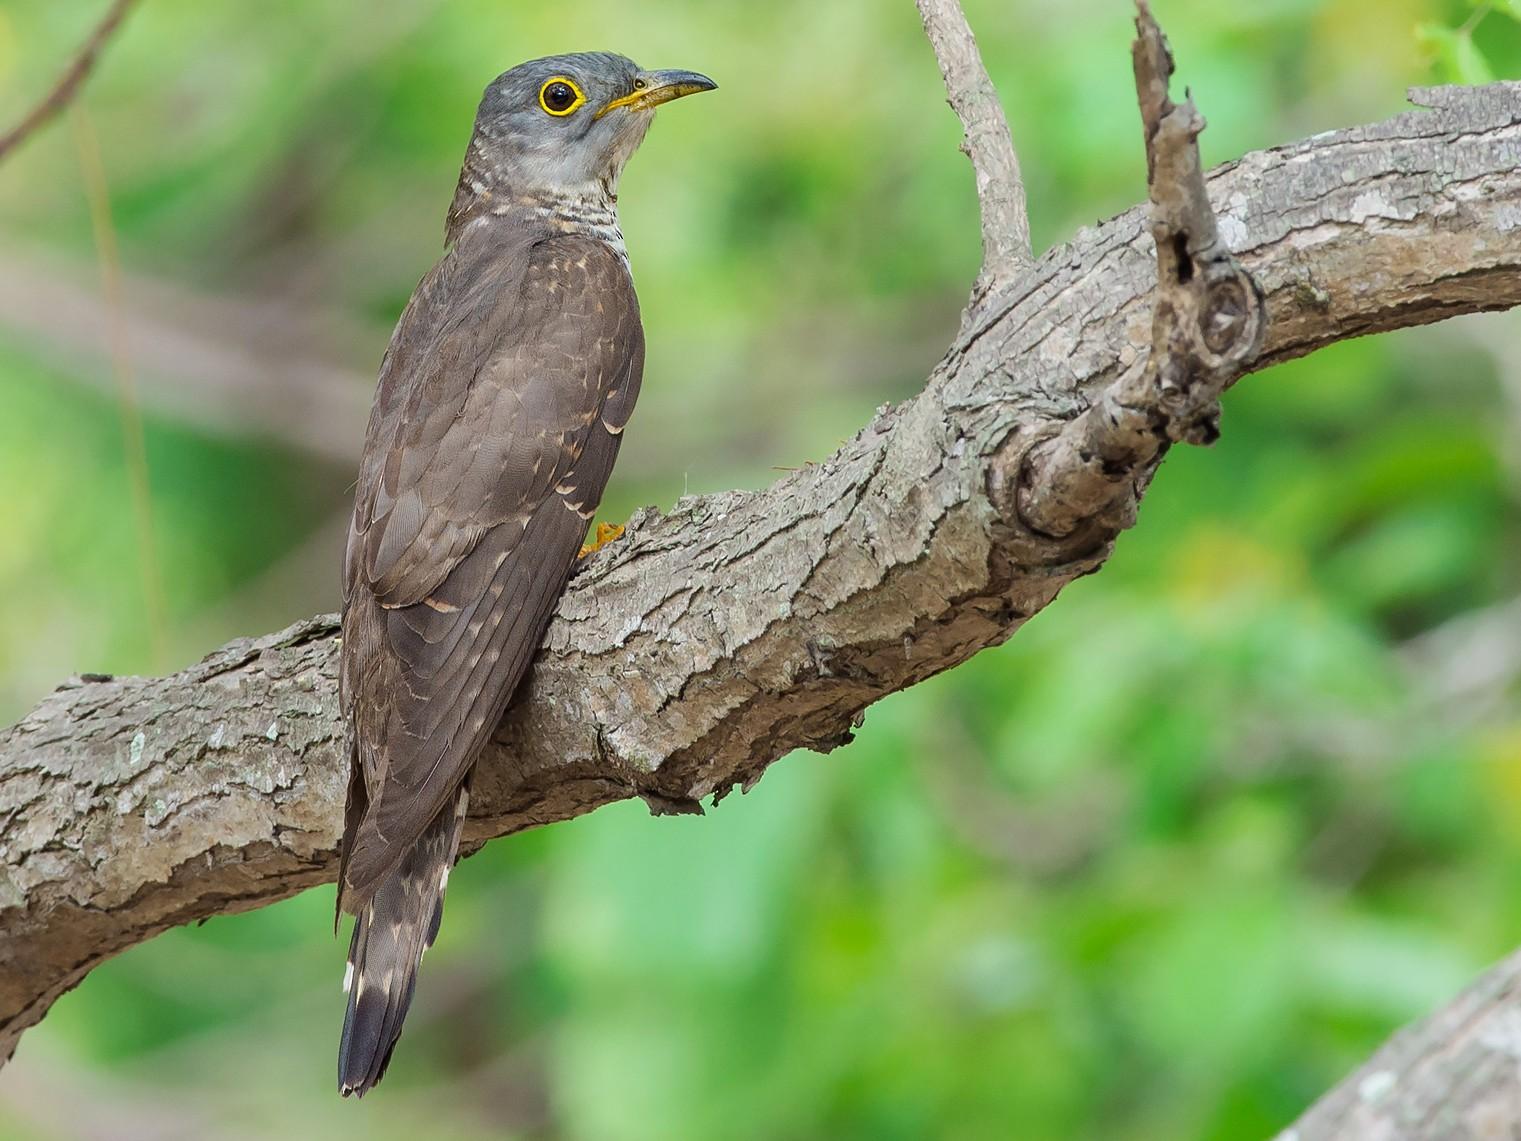 Indian Cuckoo - Natthaphat Chotjuckdikul